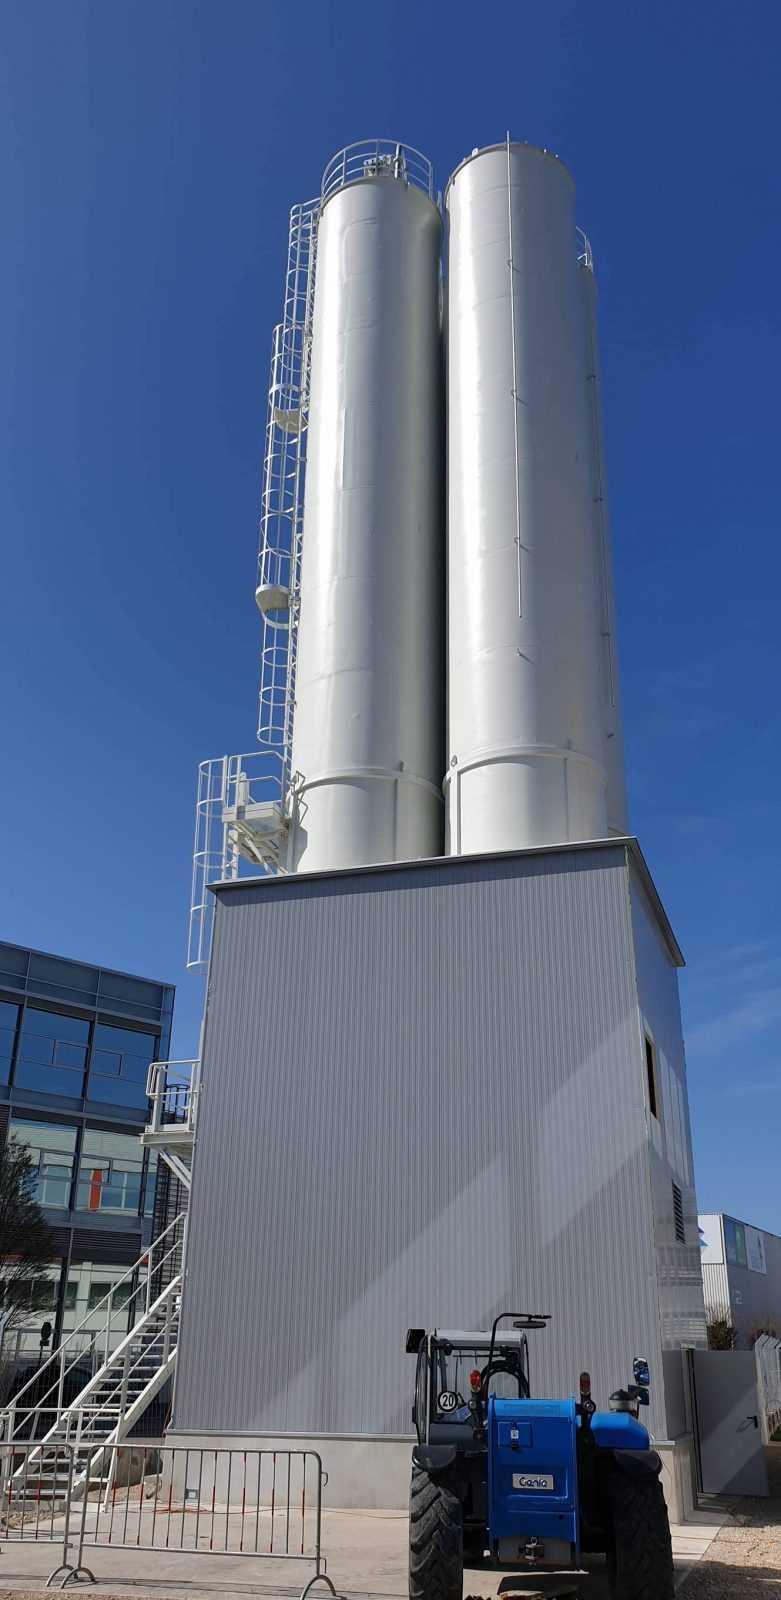 fullmet-construction-silos-13